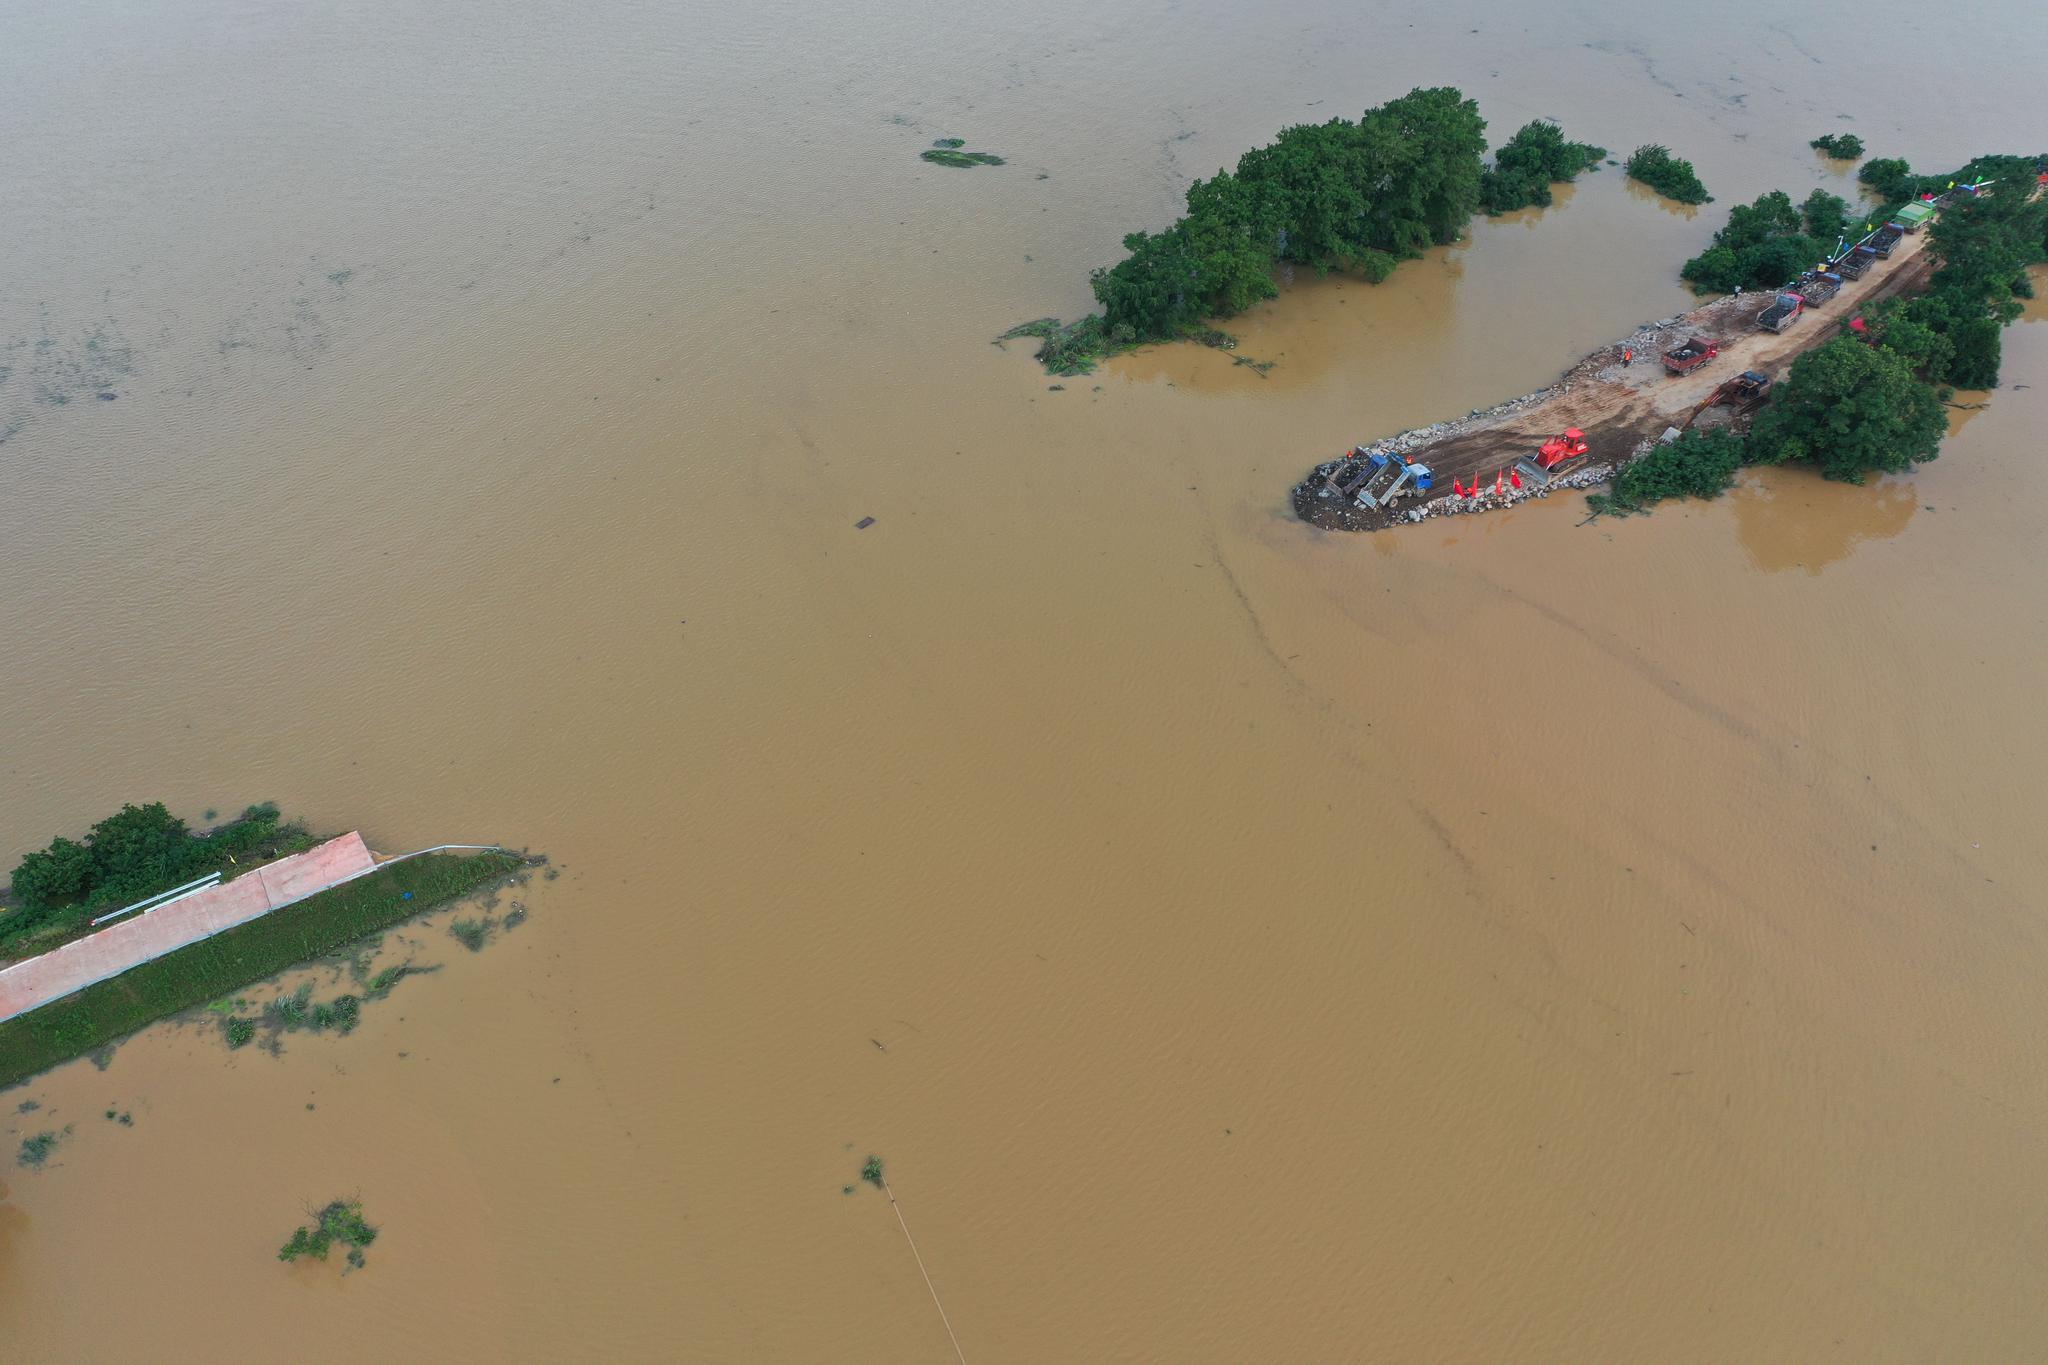 江西鄱阳问桂道圩堤决口已封堵50米 预计明日完成